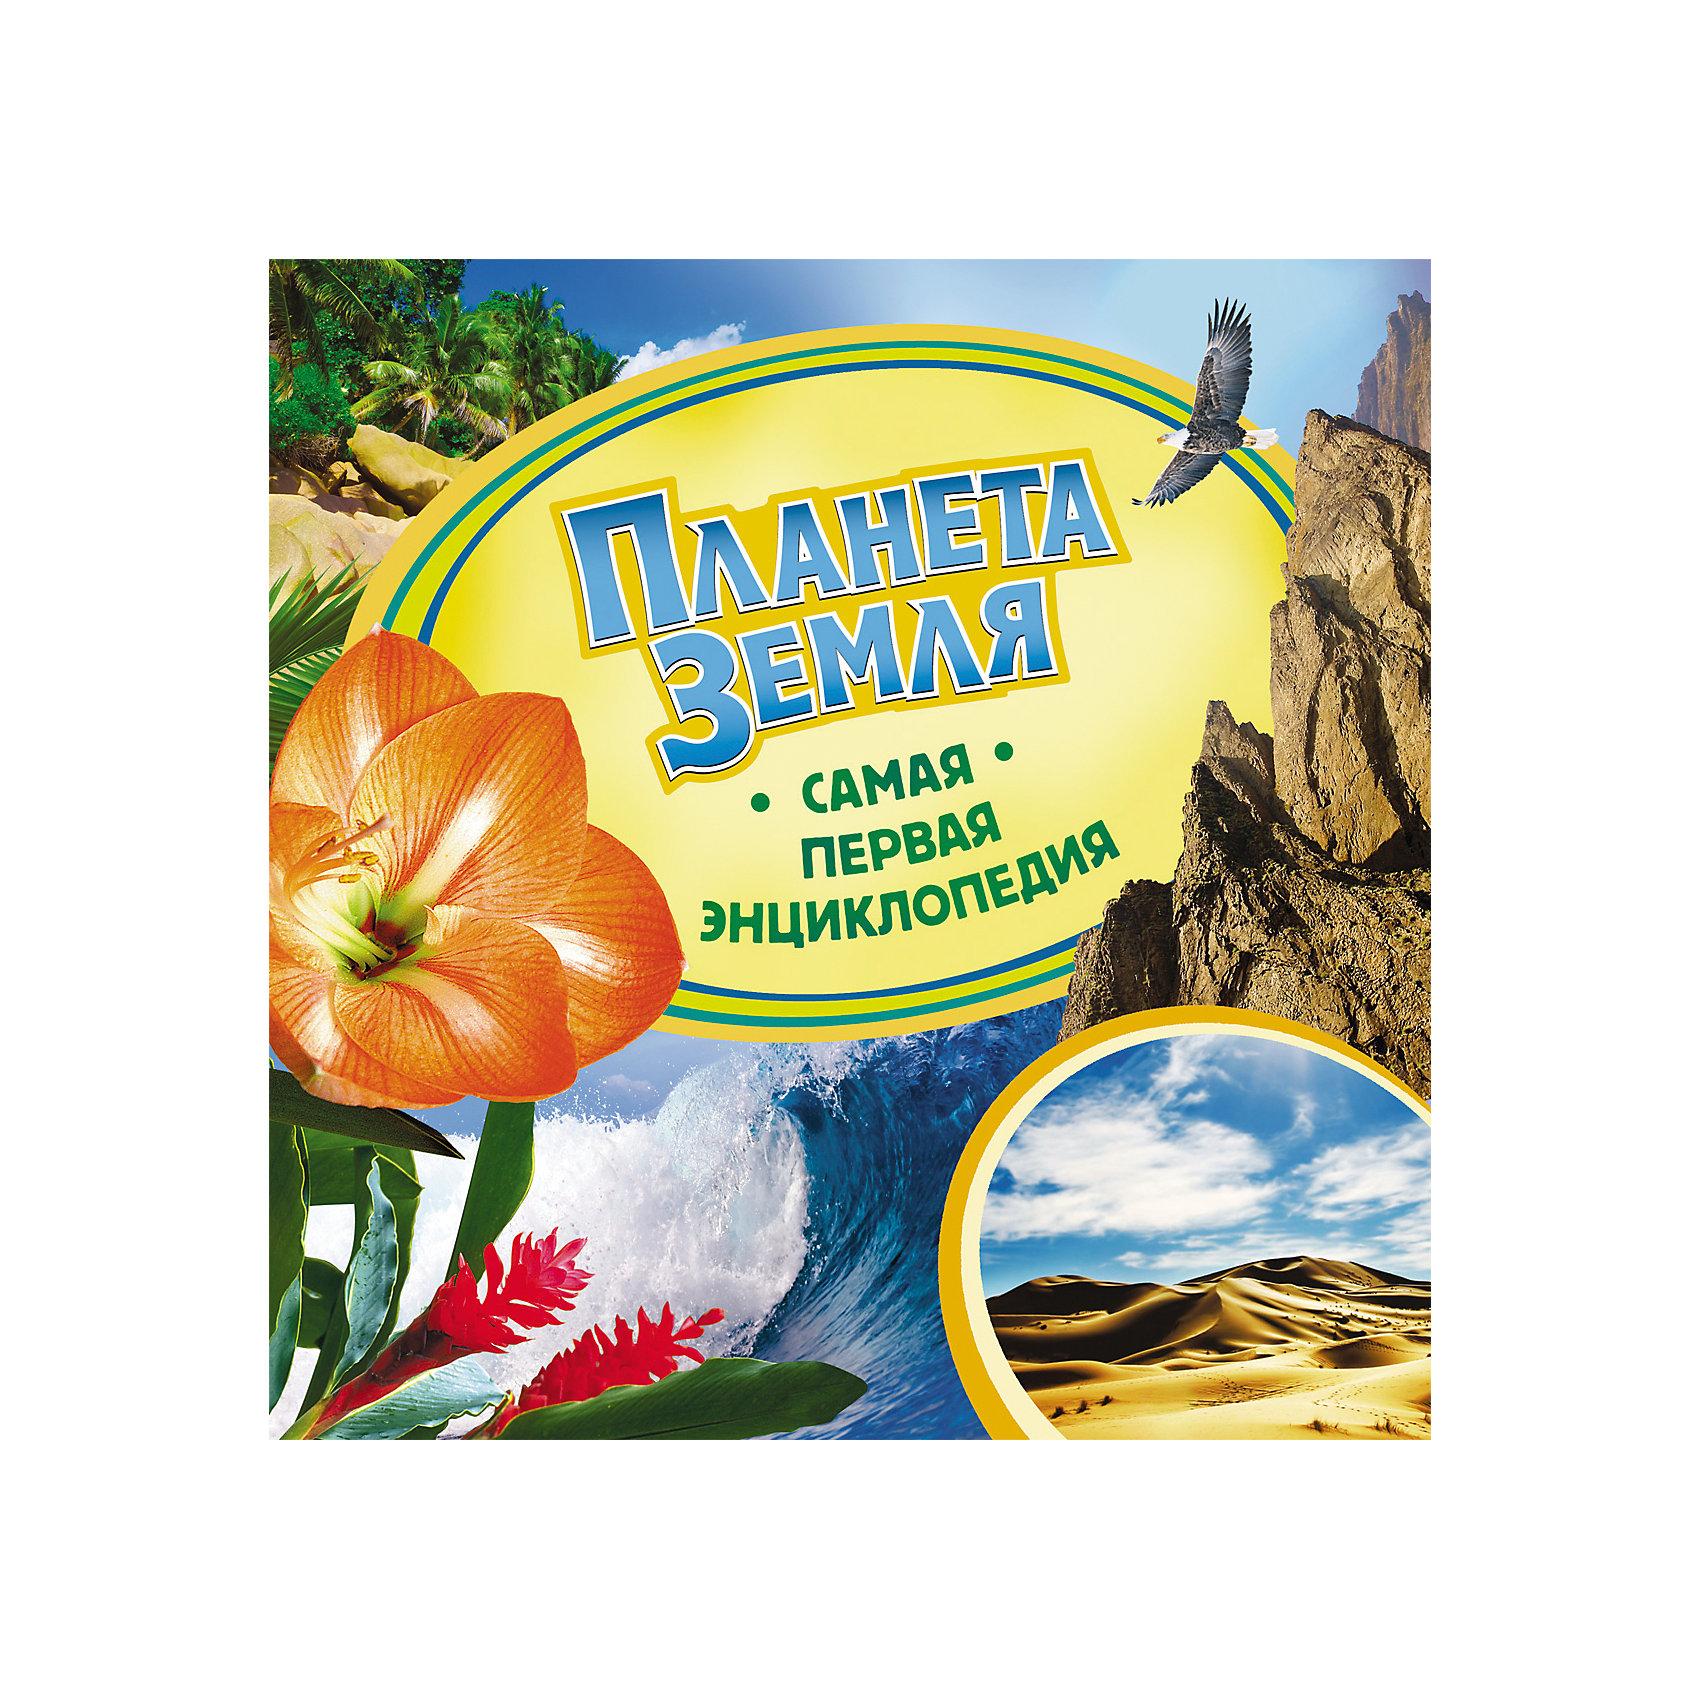 Планета Земля, Самая первая энциклопедияХарактеристики товара:<br><br>- цвет: разноцветный;<br>- материал: бумага;<br>- страниц: 36;<br>- формат: 22 х 23 см;<br>- обложка: твердая;<br>- цветные иллюстрации.<br><br>Эта интересная книга с иллюстрациями станет отличным подарком для ребенка. Она содержит в себе ответы на вопросы, которые интересуют малышей. Всё представлено в очень простой форме! Талантливый иллюстратор дополнил книгу качественными рисунками, которые помогают ребенку понять суть многих вещей в нашем мире. Удивительные и интересные факты помогут привить любовь к учебе!<br>Чтение - отличный способ активизации мышления, оно помогает ребенку развивать зрительную память, концентрацию внимания и воображение. Издание произведено из качественных материалов, которые безопасны даже для самых маленьких.<br><br>Книгу Планета Земля, Самая первая энциклопедия от компании Росмэн можно купить в нашем интернет-магазине.<br><br>Ширина мм: 225<br>Глубина мм: 225<br>Высота мм: 7<br>Вес г: 297<br>Возраст от месяцев: 36<br>Возраст до месяцев: 72<br>Пол: Унисекс<br>Возраст: Детский<br>SKU: 5109963